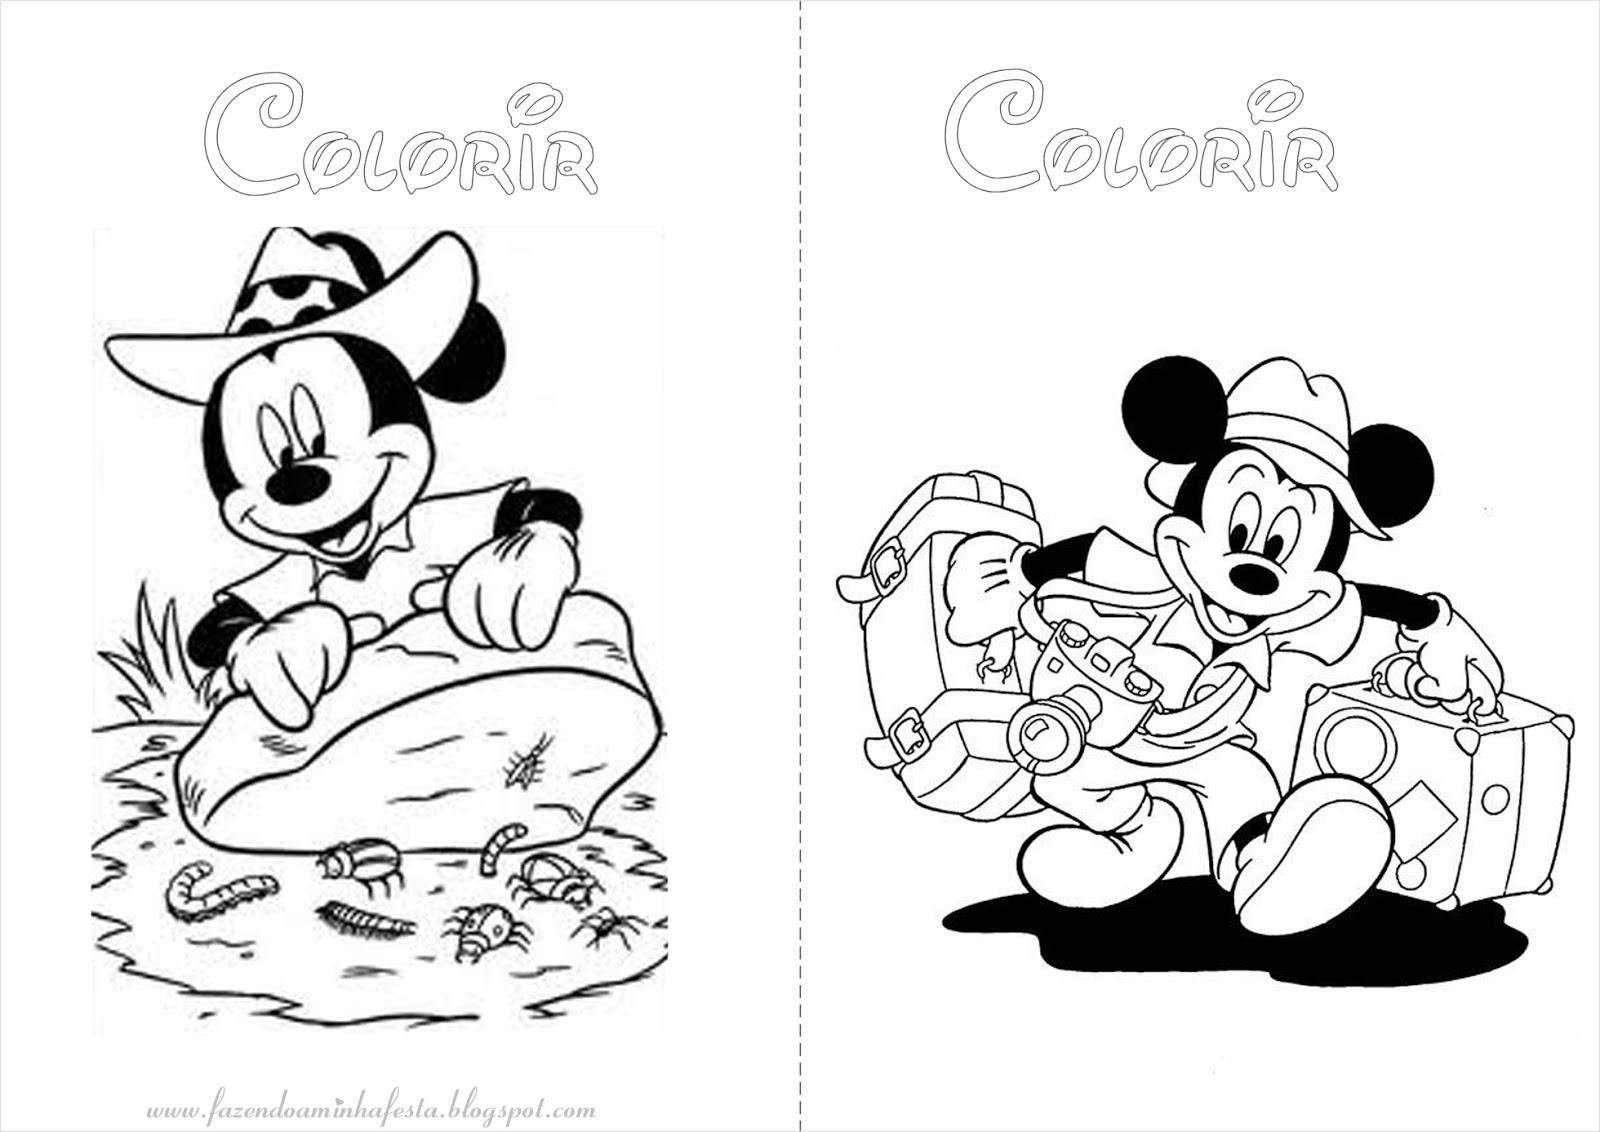 Colorir: Mickey Safari